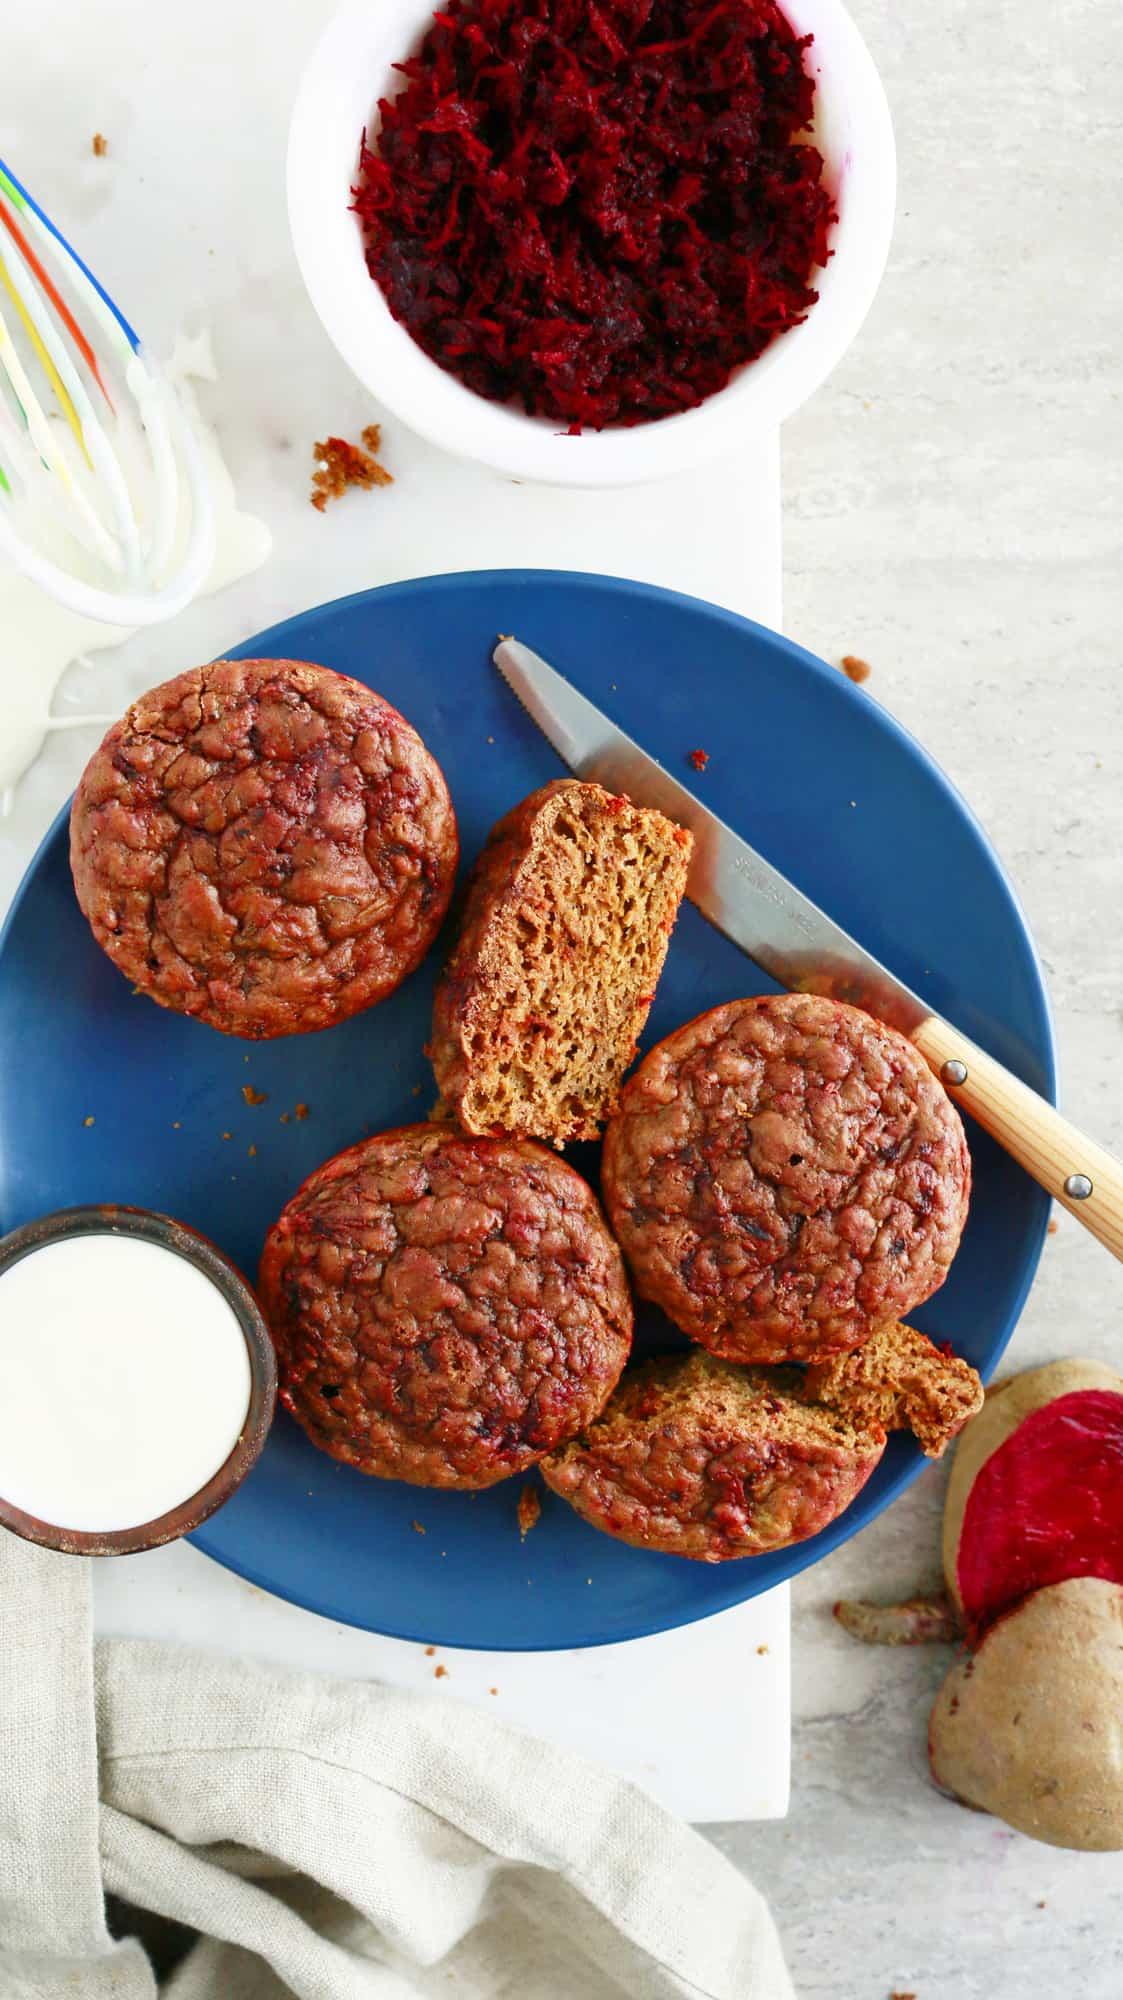 baked red velvet pancake